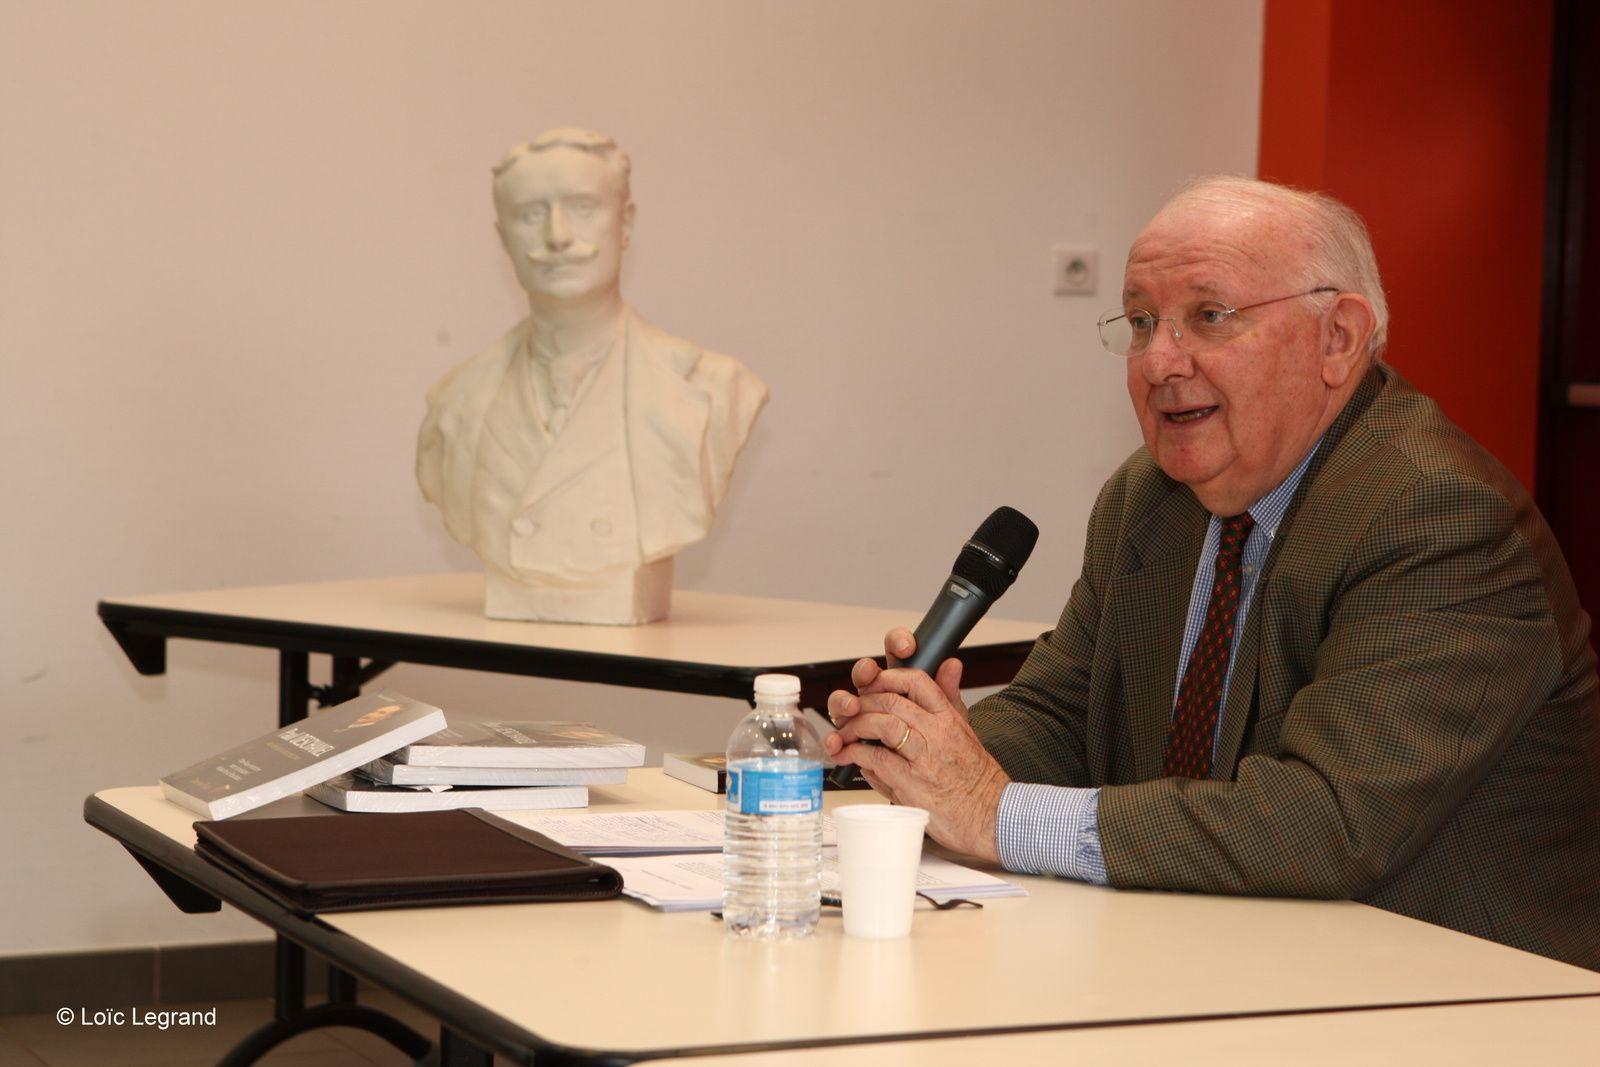 Patrick Hoguet et le buste de Paul Deschanel